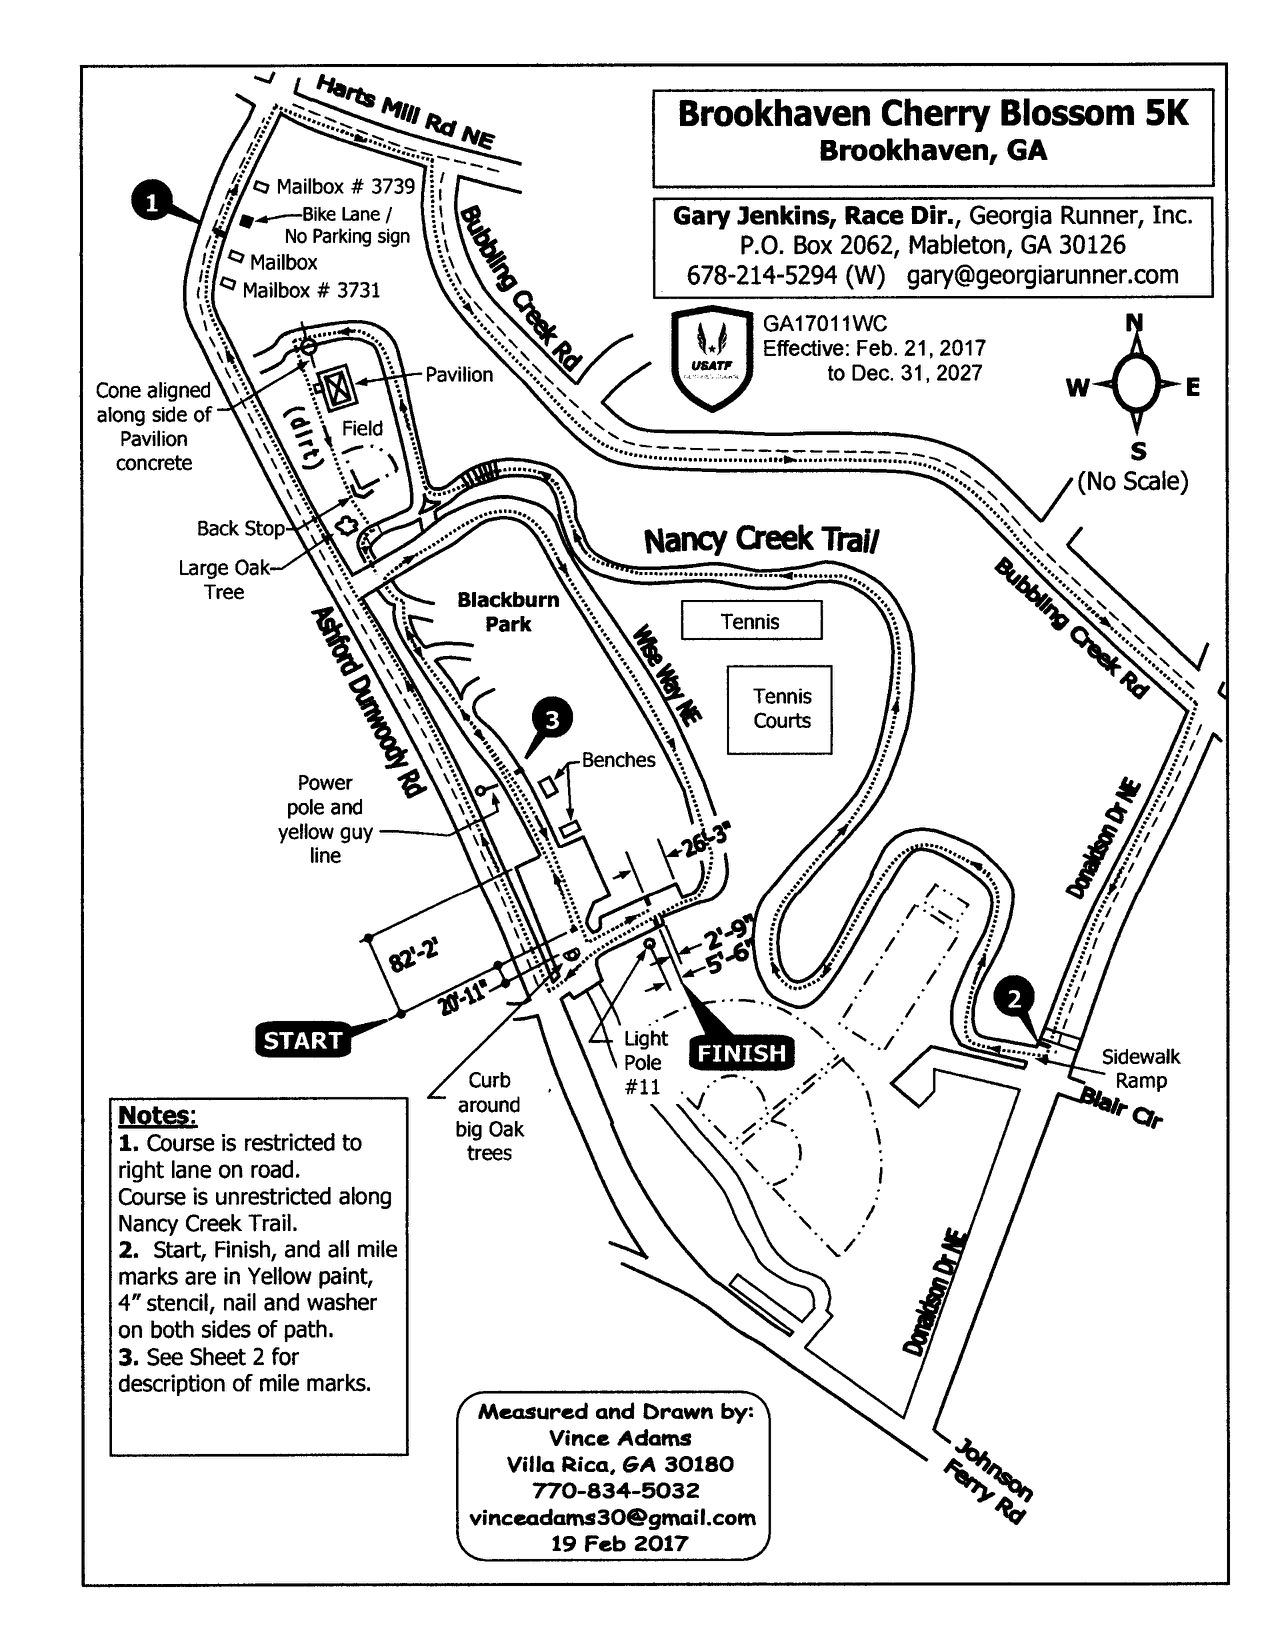 Drawn sakura blossom side view Run LARGER CLICK MAP TO